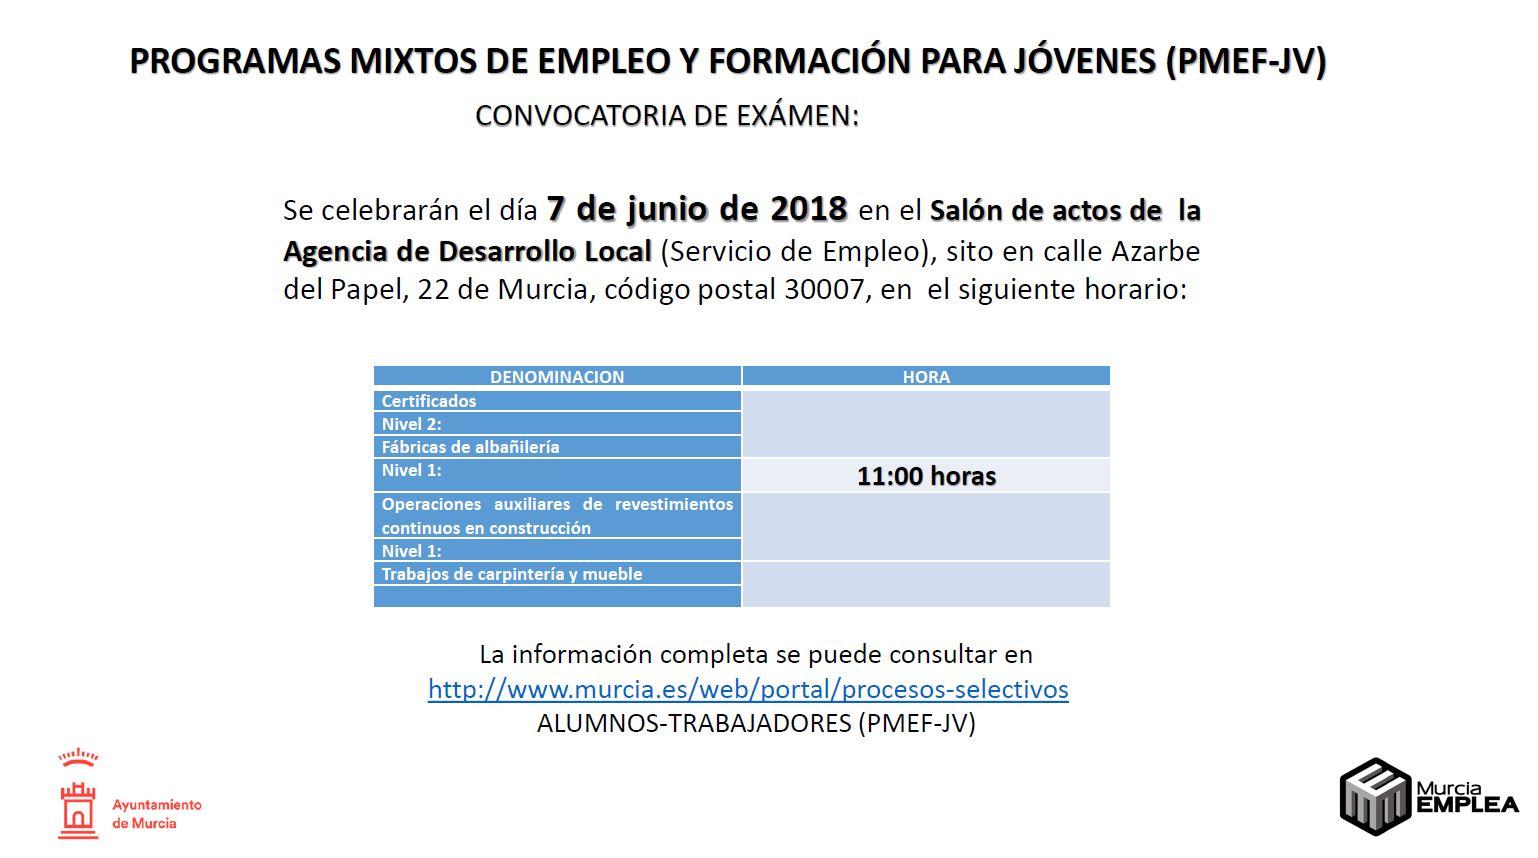 CONVOCATORIA EXAMEN PROGRAMA MIXTO DE EMPLEO Y FORMACIÓN